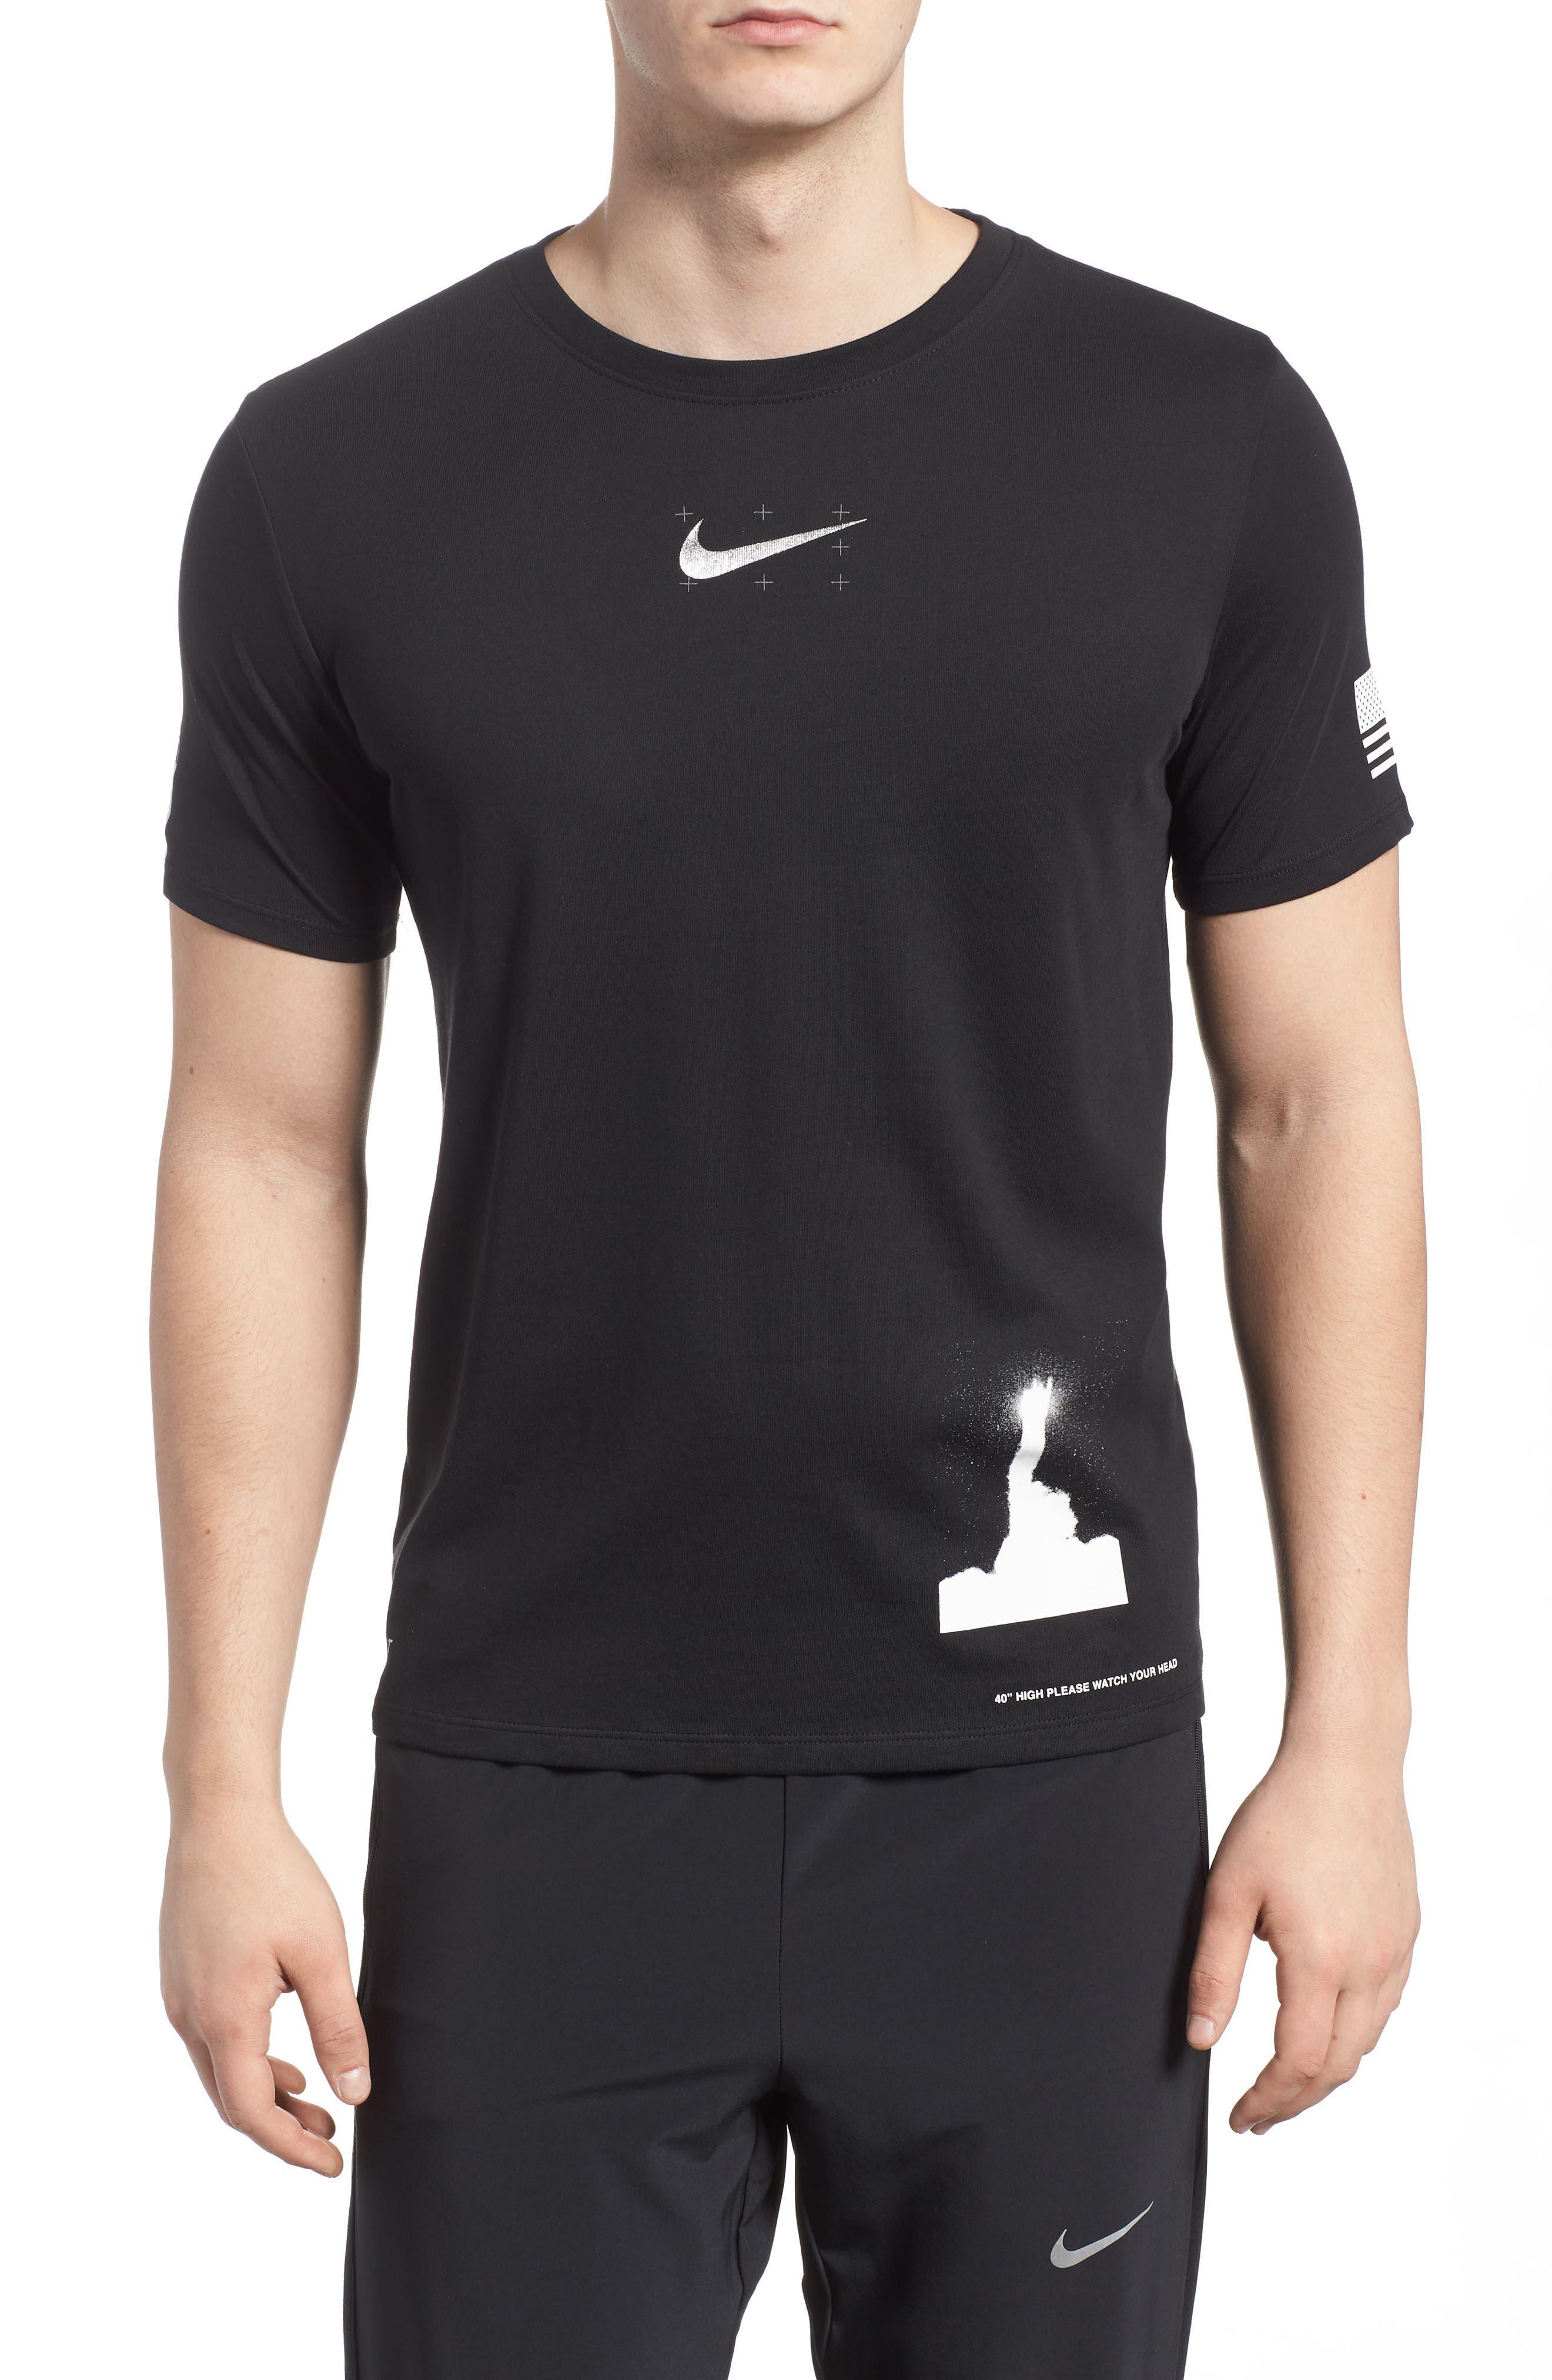 Dry Unit T-Shirt,                         Main,                         color, Black/ Black